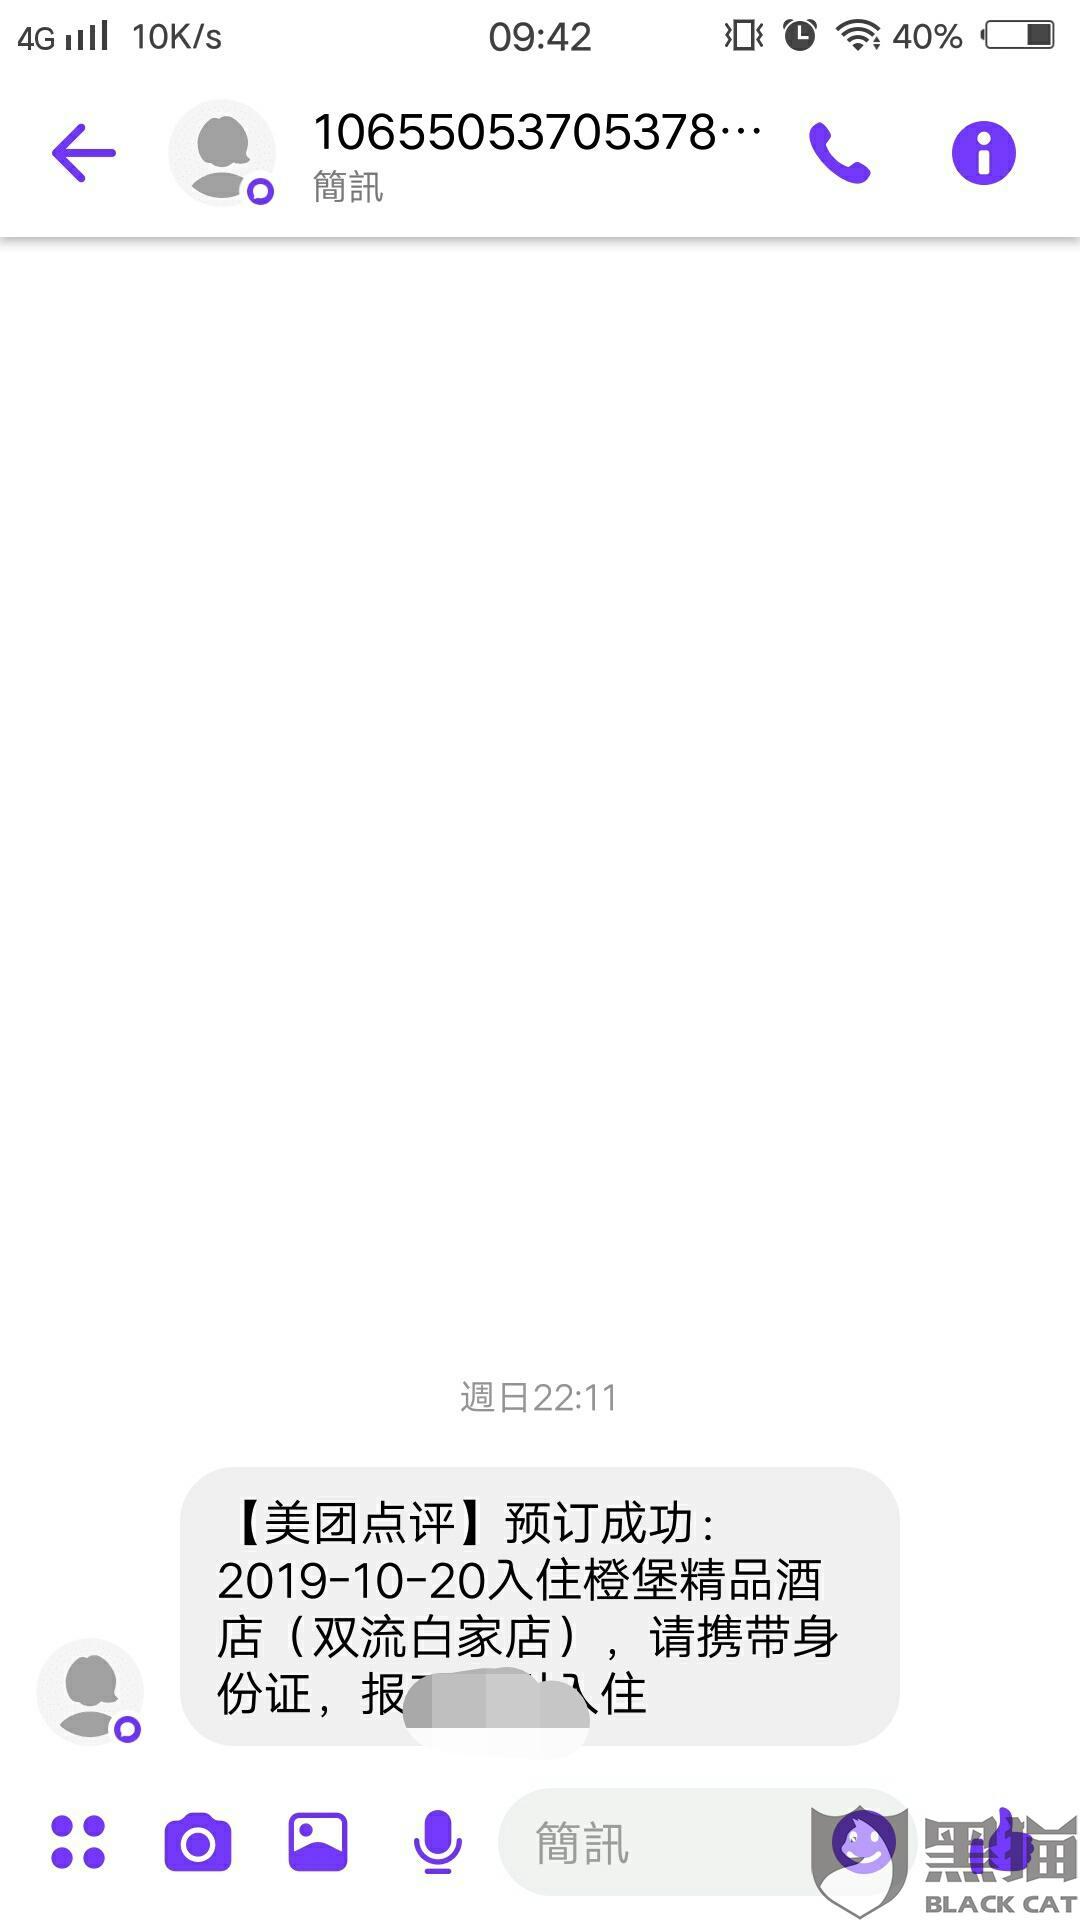 黑猫投诉:突然收到美团点评酒店预订短信 我从来没下过任何美团相关的软件